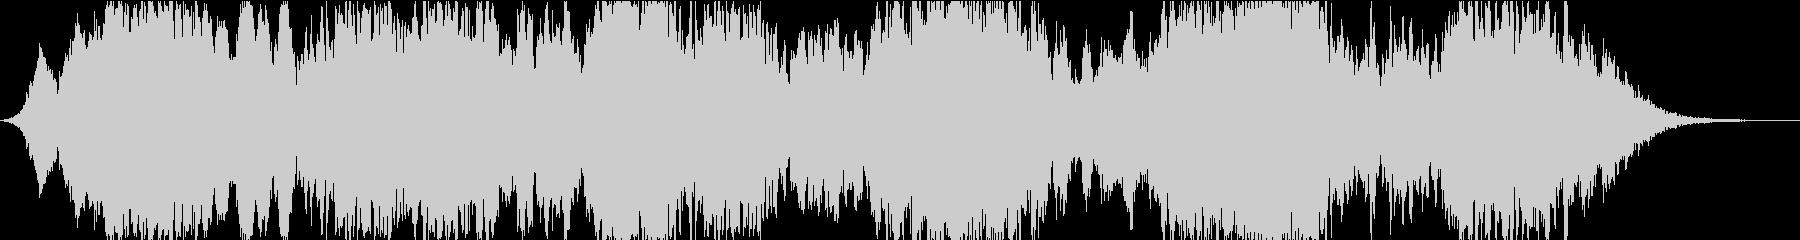 ドローン ダークムービングストリング01の未再生の波形